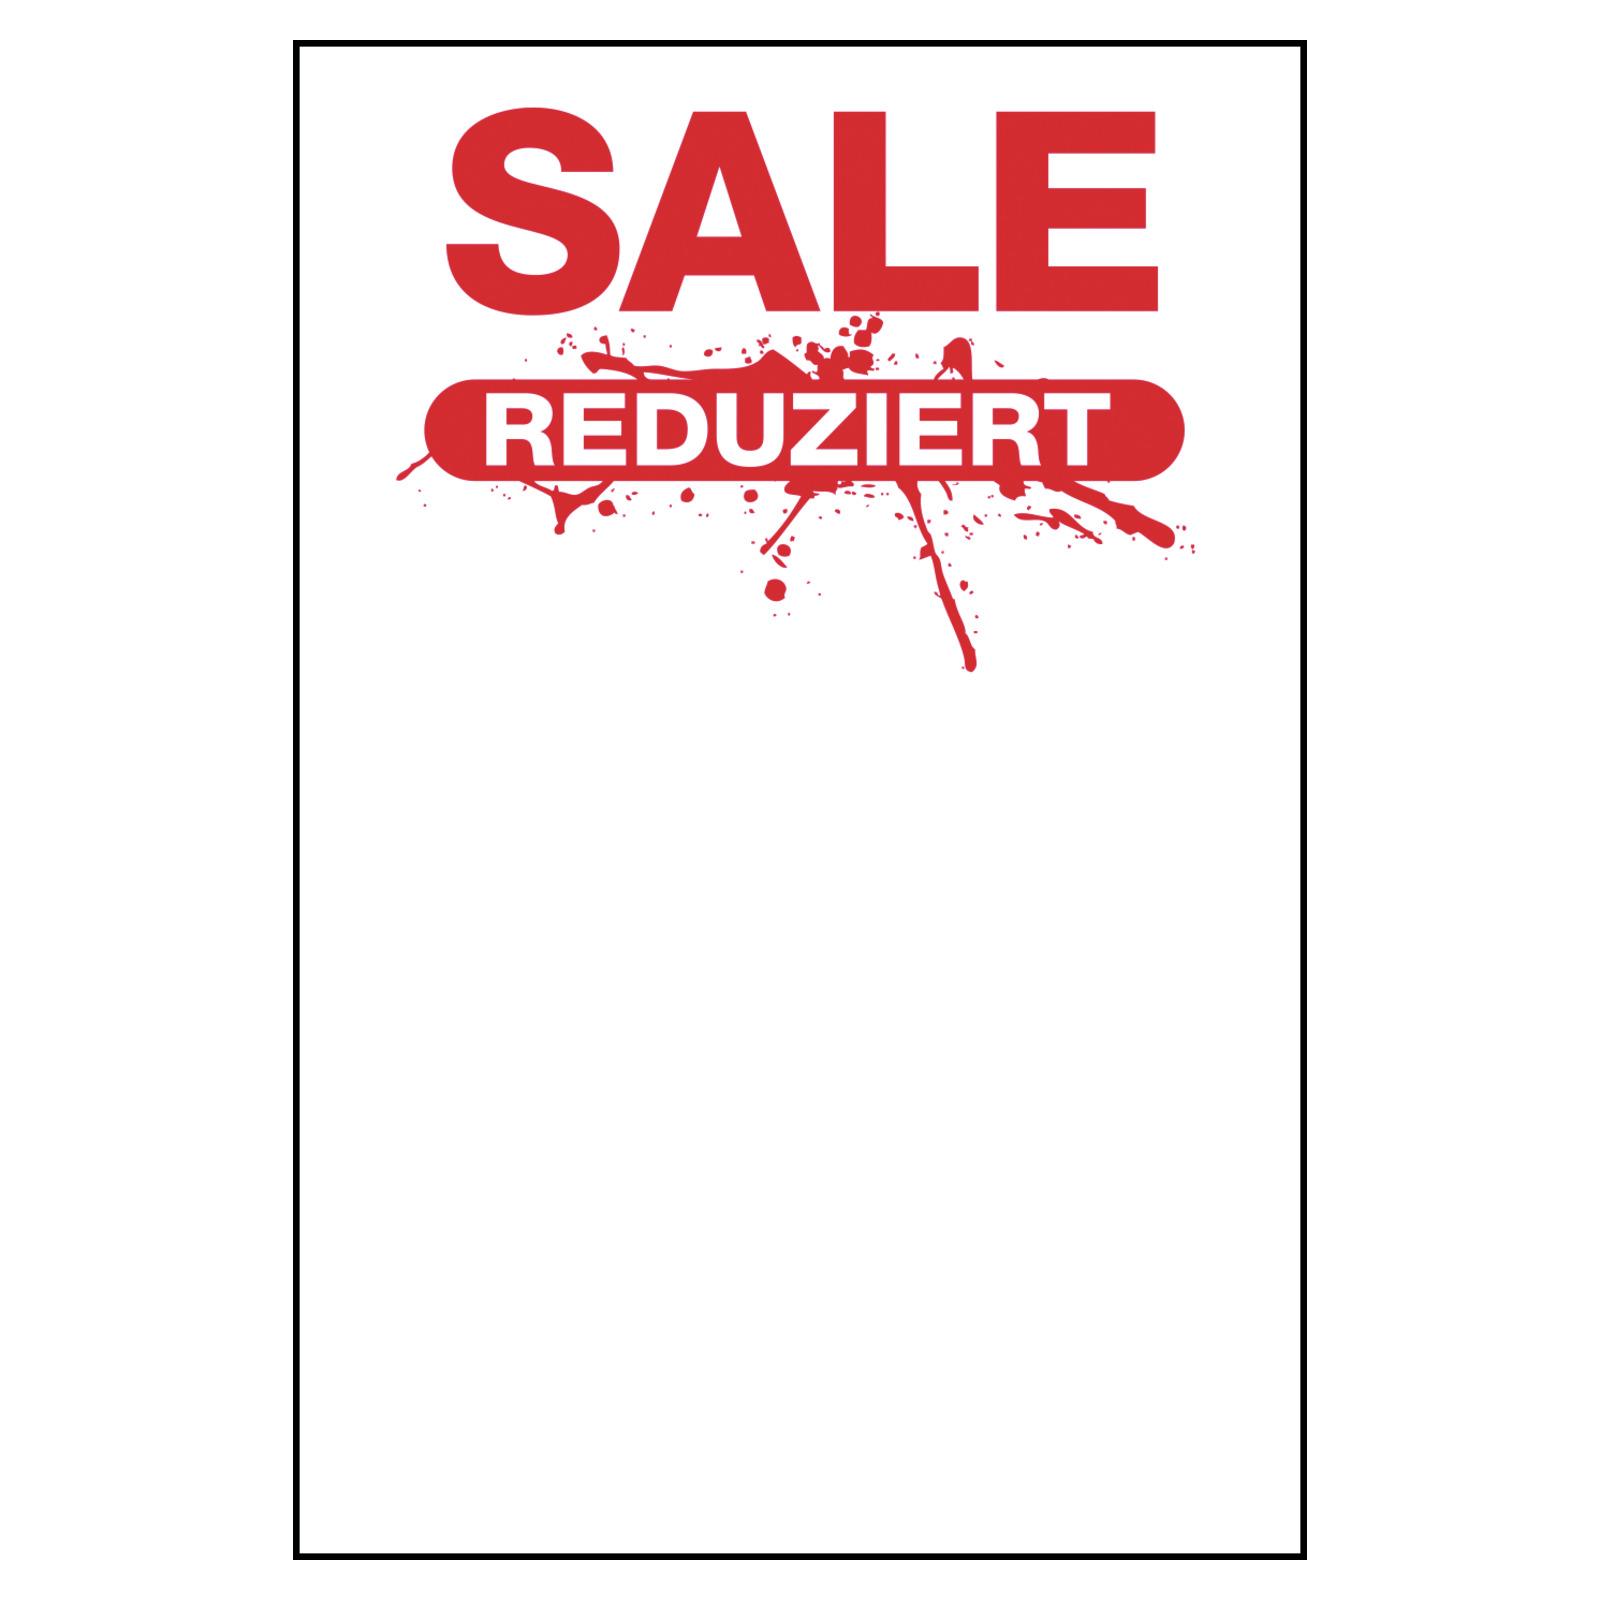 50 Preisschilder Splatch Sale Reduziert Preisschilder